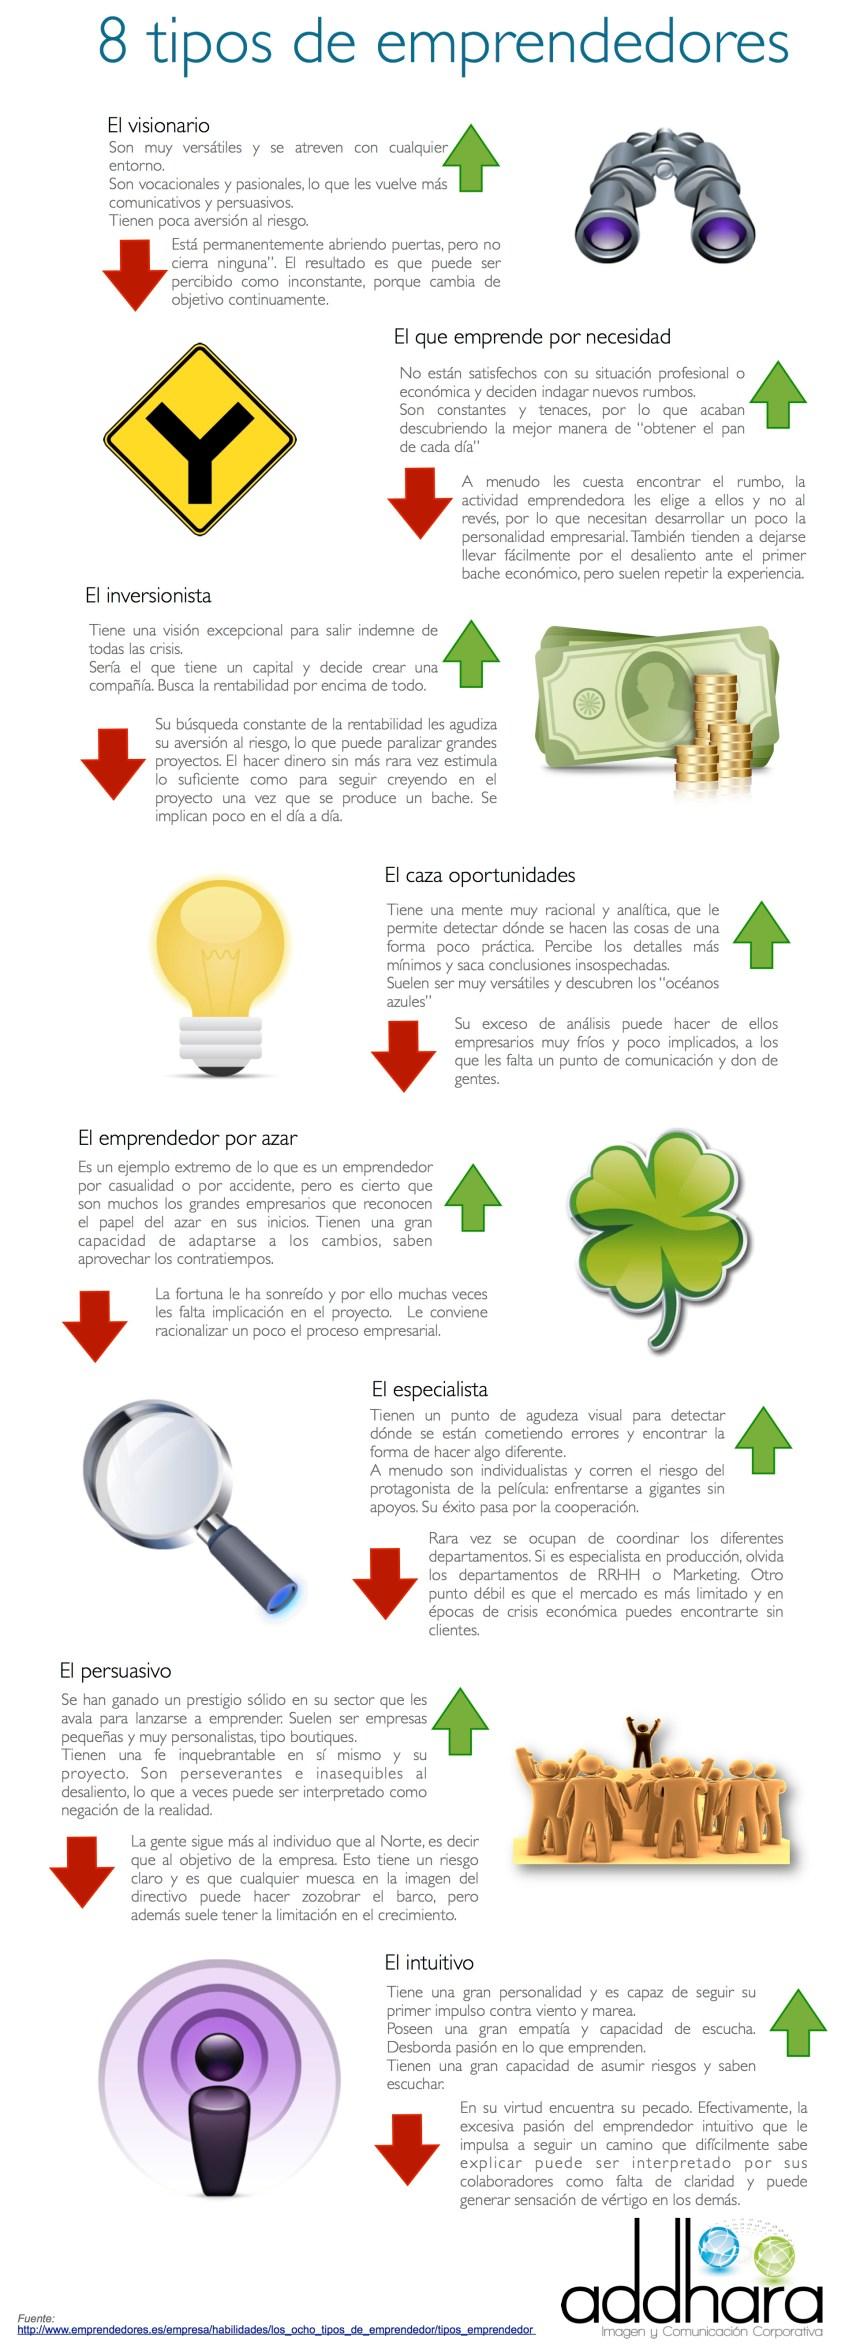 8 tipos de emprendedores